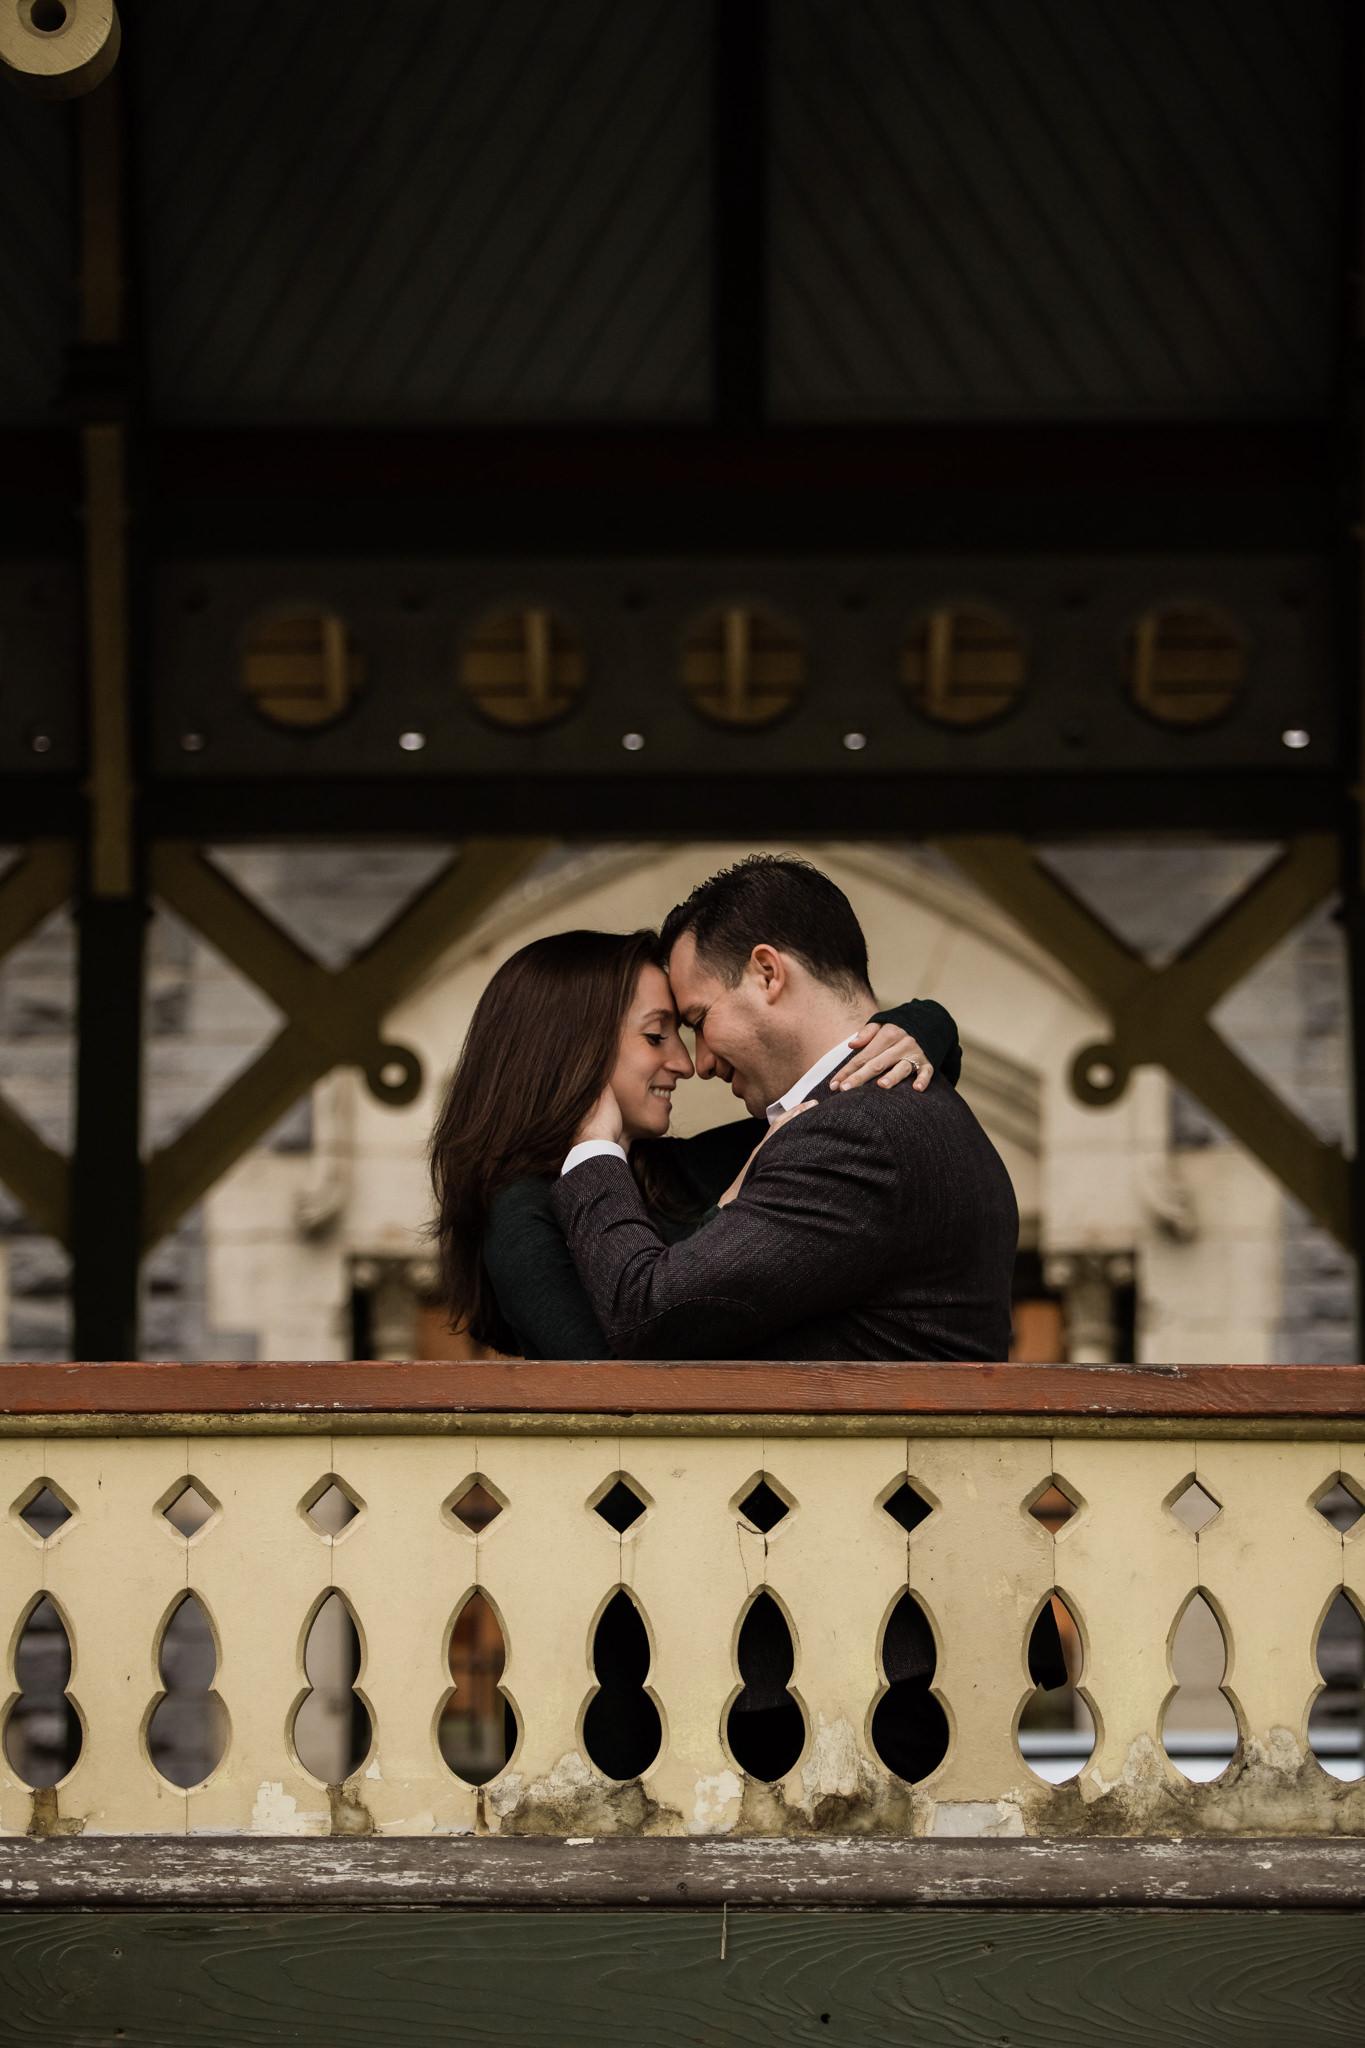 NEW_JERSEY_WEDDING_PHOTOGRAPHER_ARMZ_Z85_0249.jpg